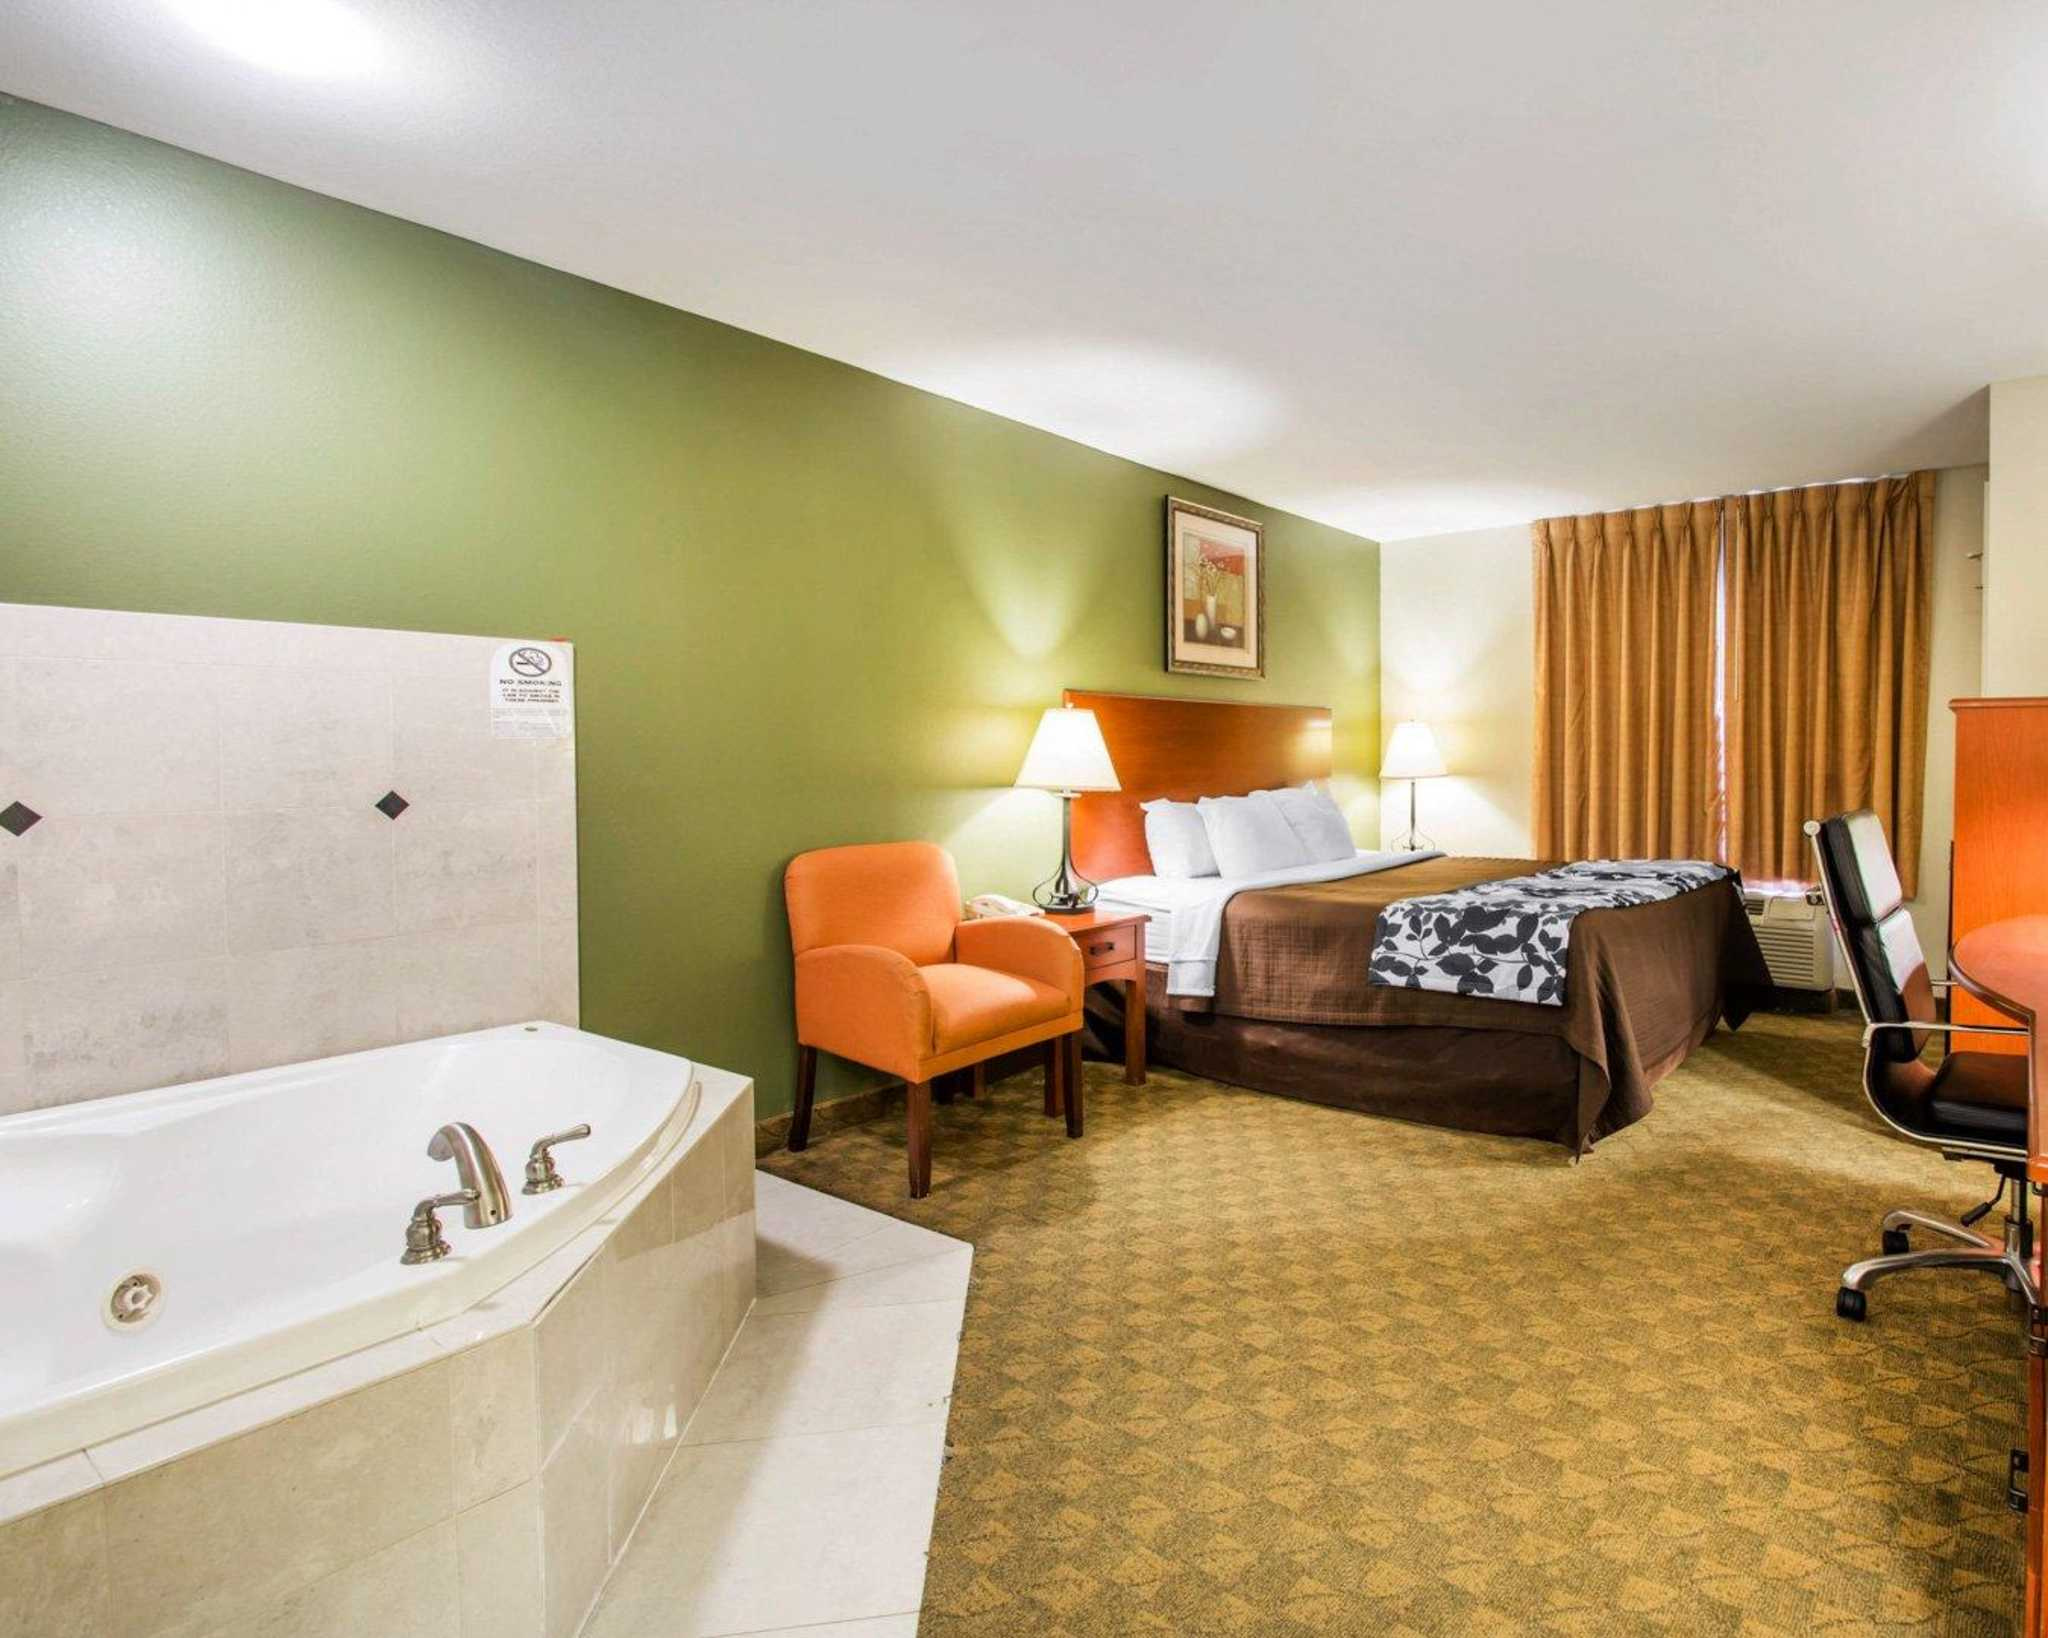 Sleep Inn & Suites image 22